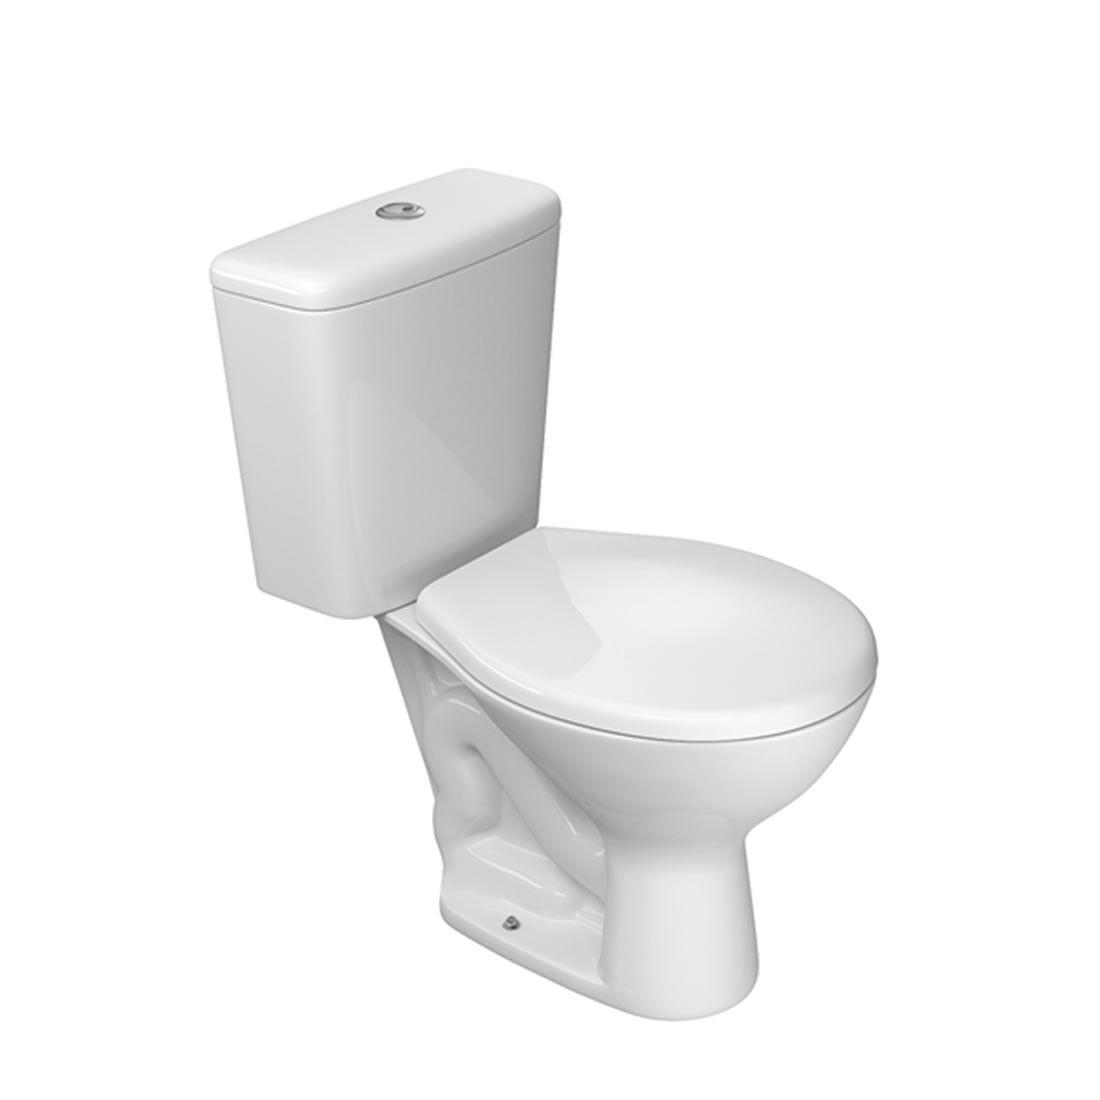 Conjunto Vaso Sanitário com Caixa Acoplada Deca  Izy Branco 1 Acionamento